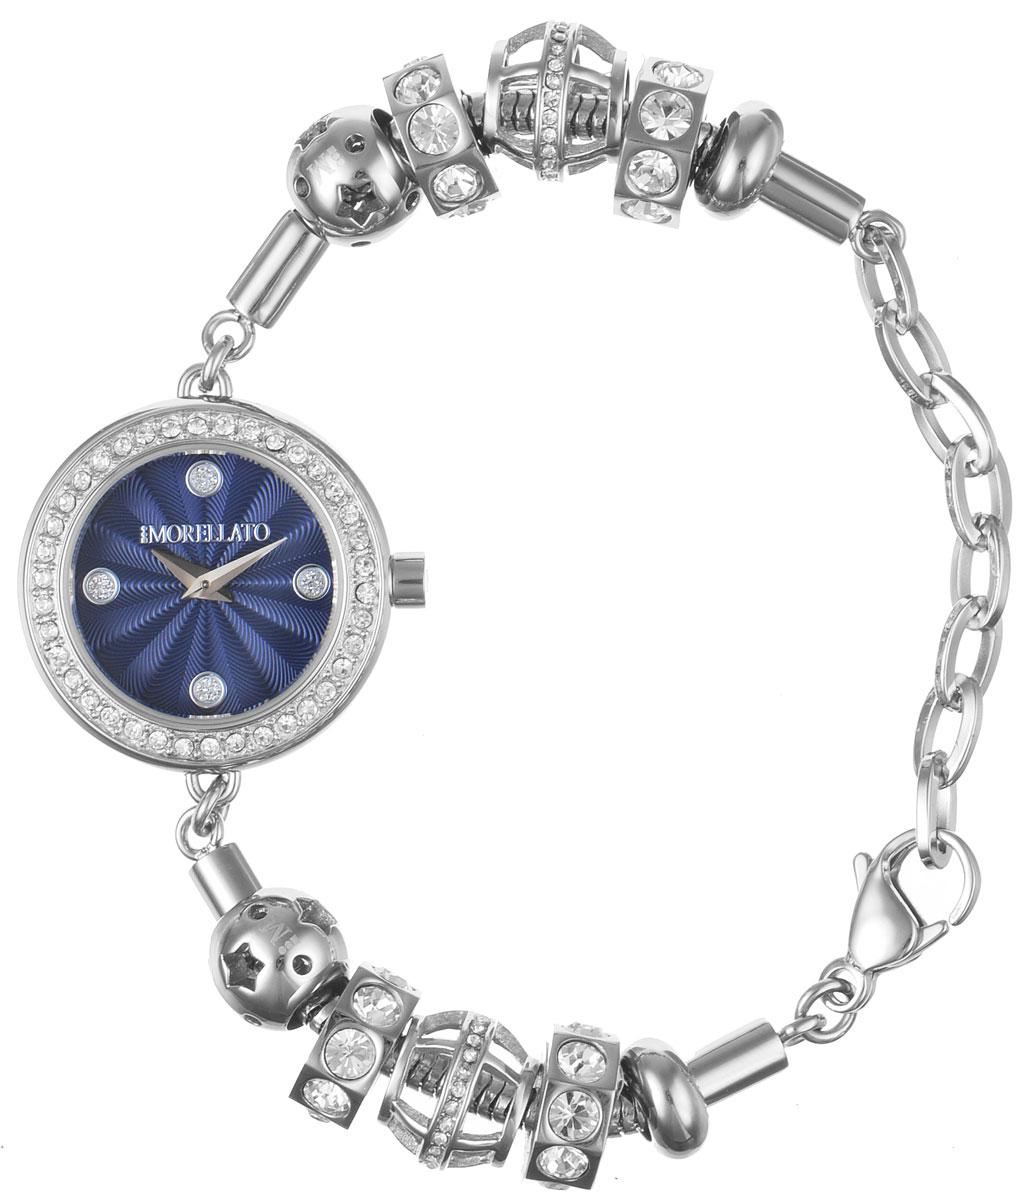 Часы наручные женские Morellato, цвет: серебристый. R0153122535R0153122535Изысканные женские часы Morellato изготовлены из высокотехнологичной гипоаллергенной нержавеющей стали. Ремешок выполнен из нержавеющей стали и оснащен практичной застежкой-карабином. Кварцевый механизм имеет степень влагозащиты равную 3 Bar и дополнен часовой и минутной стрелками. Корпус часов украшен ободком из стразов. Браслет выполнен из соединяющихся между собой элементов в стиле Пандора, инкрустированных стразами. Для того чтобы защитить циферблат от повреждений в часах используется высокопрочное минеральное стекло. На синем циферблате отметки в виде точек органично сочетаются с маленькими стрелками. Браслет комплектуется надежным и удобным в использовании замком-карабином, который позволит с легкостью снимать и надевать часы. Часы упакованы в фирменную коробку и дополнительно в подарочную коробку с названием бренда. Часы Morellato подчеркнут изящность женской руки и отменное чувство стиля у их обладательницы.